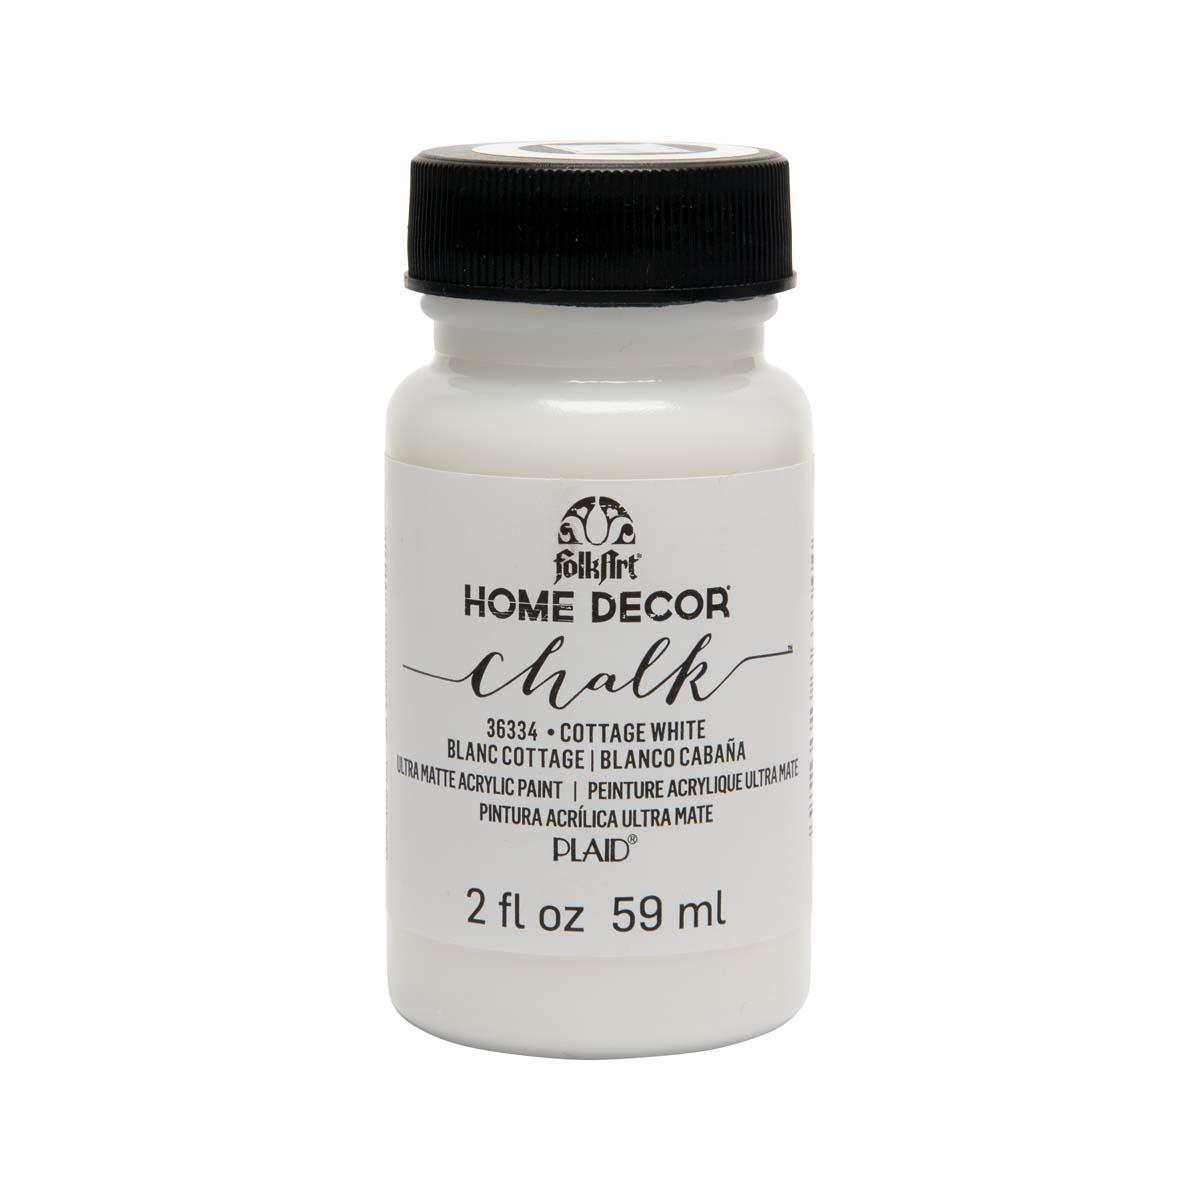 FolkArt ® Home Decor™ Chalk - Cottage White, 2 oz.